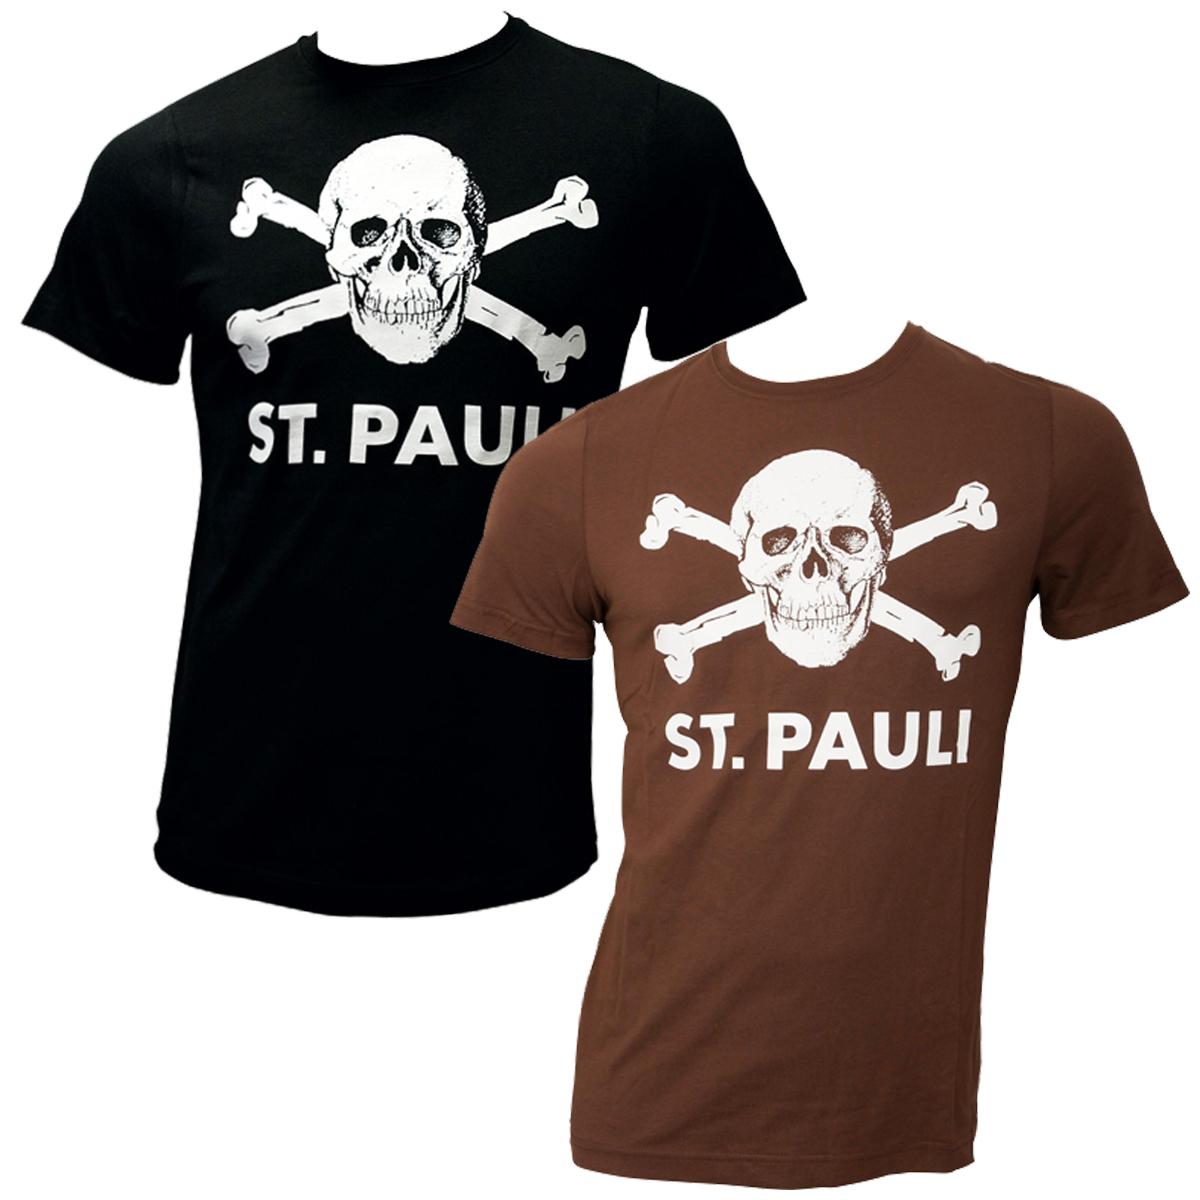 FC St. Pauli - Totenkopf-Set T-Shirts in schwarz und braun